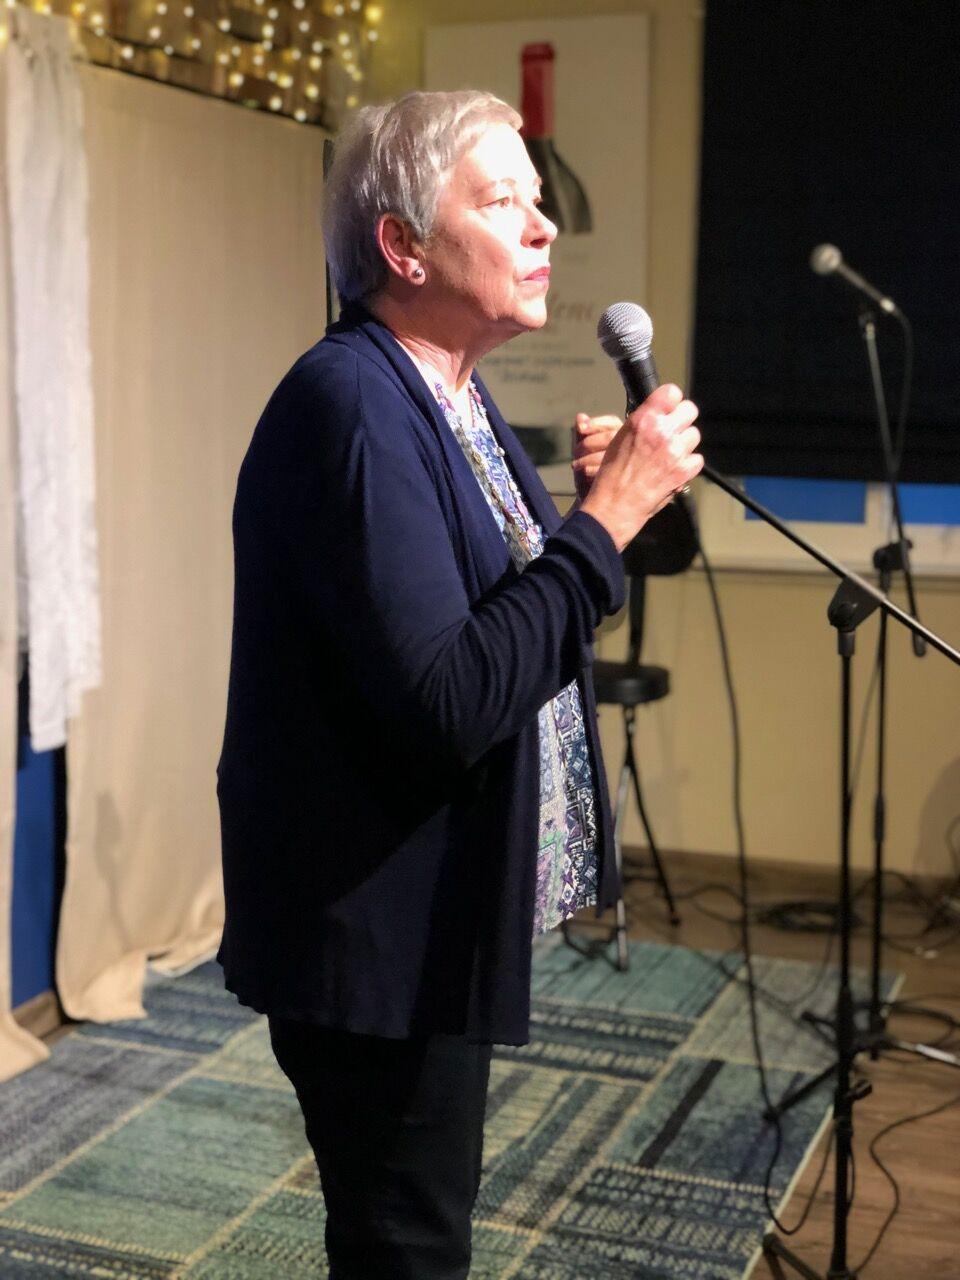 Jean Moelter